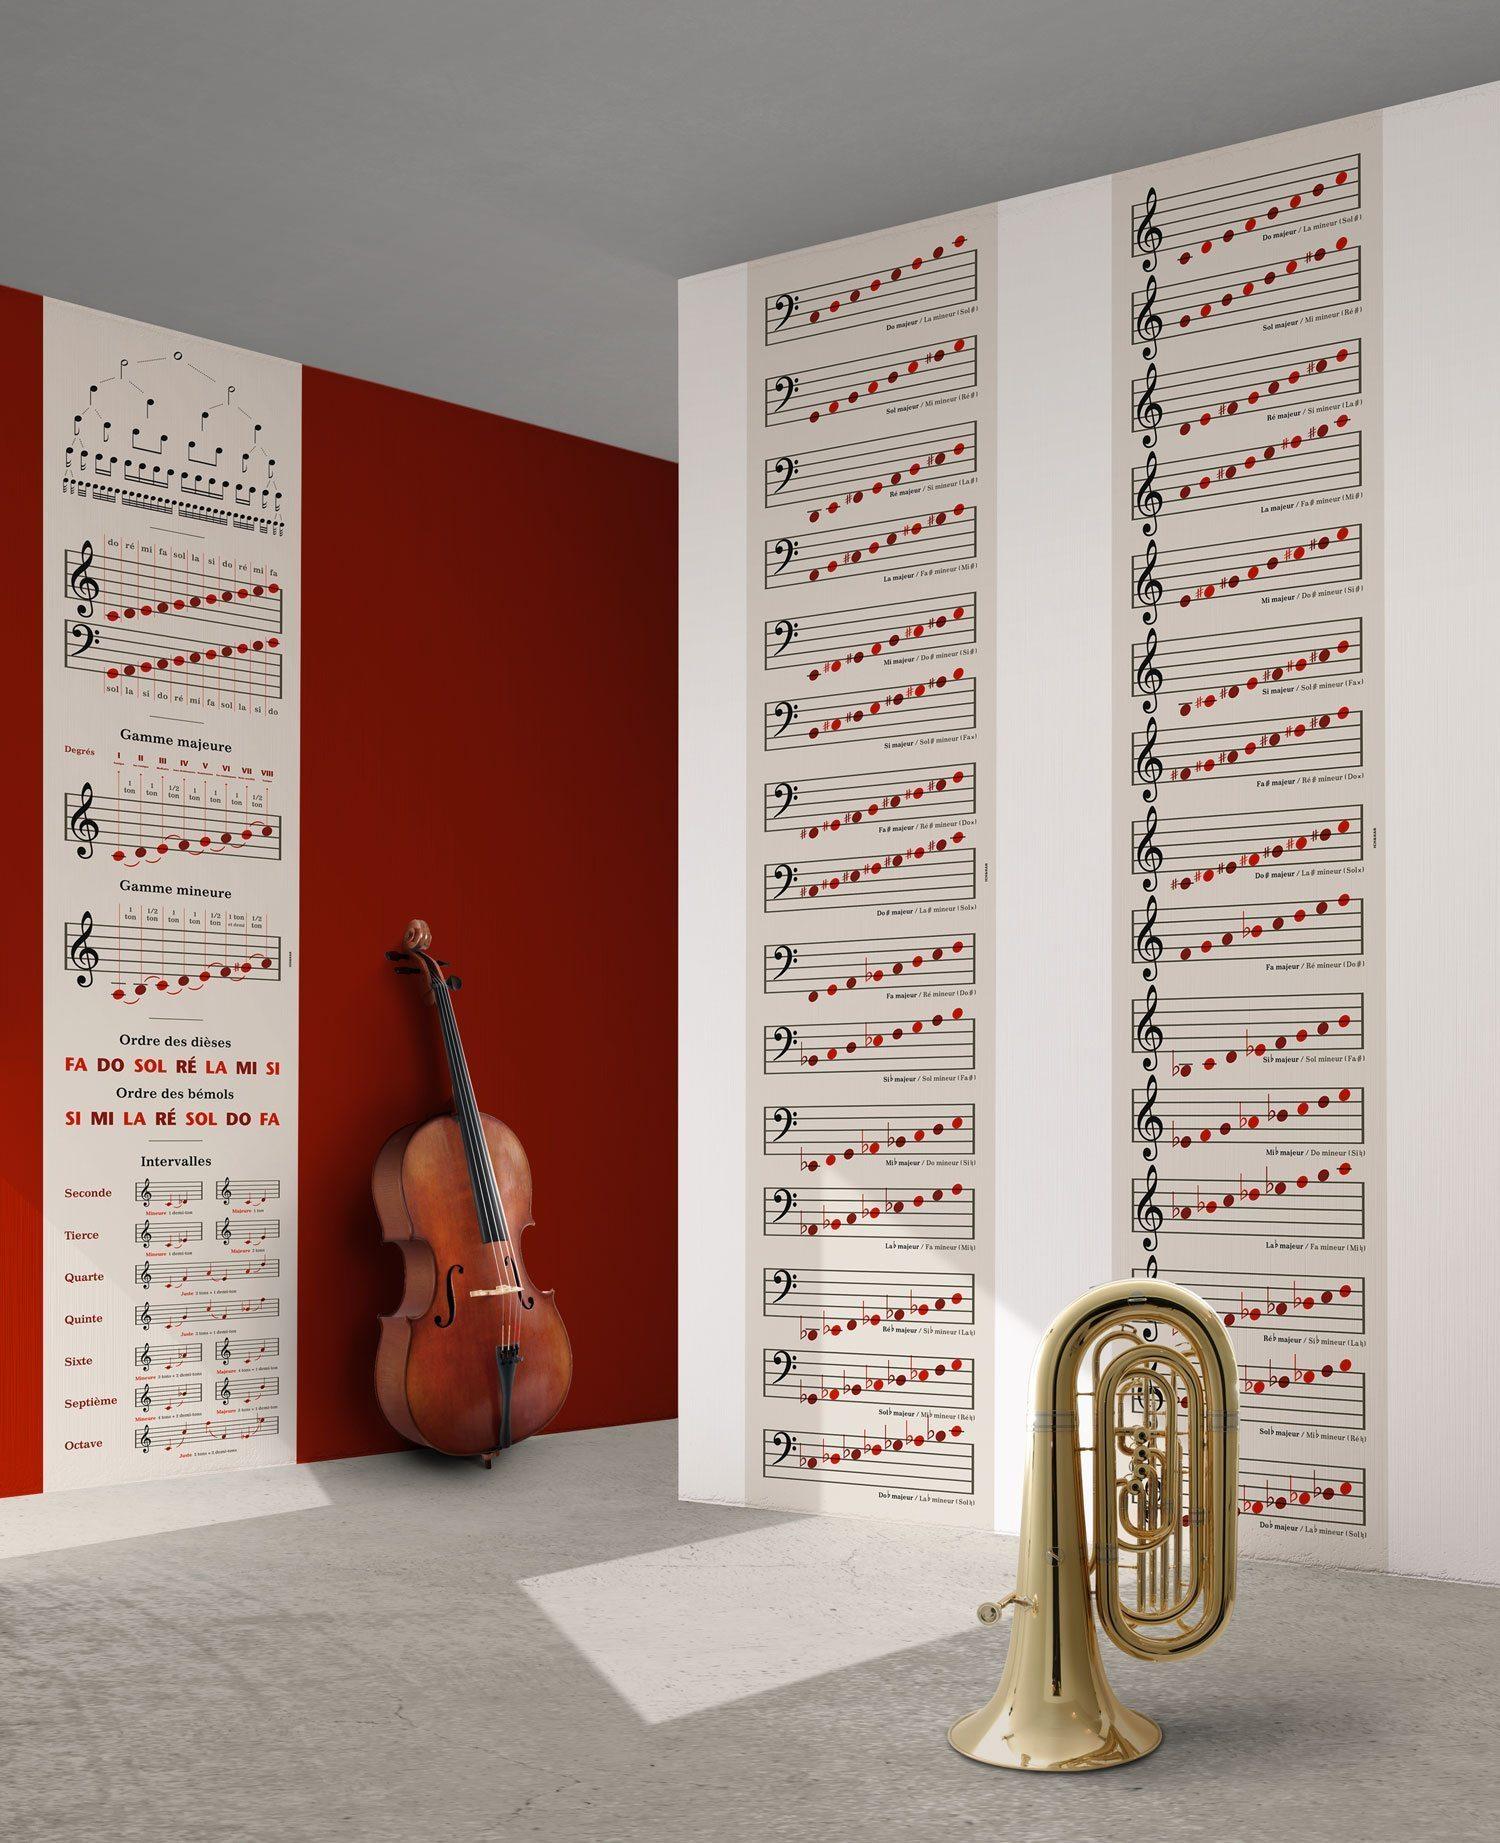 Collection Watch, Look & learn Wallpaper, papier peint musique d'Ich&Kar. Des notes de musiques rouges et noires envahissent le papier peint.